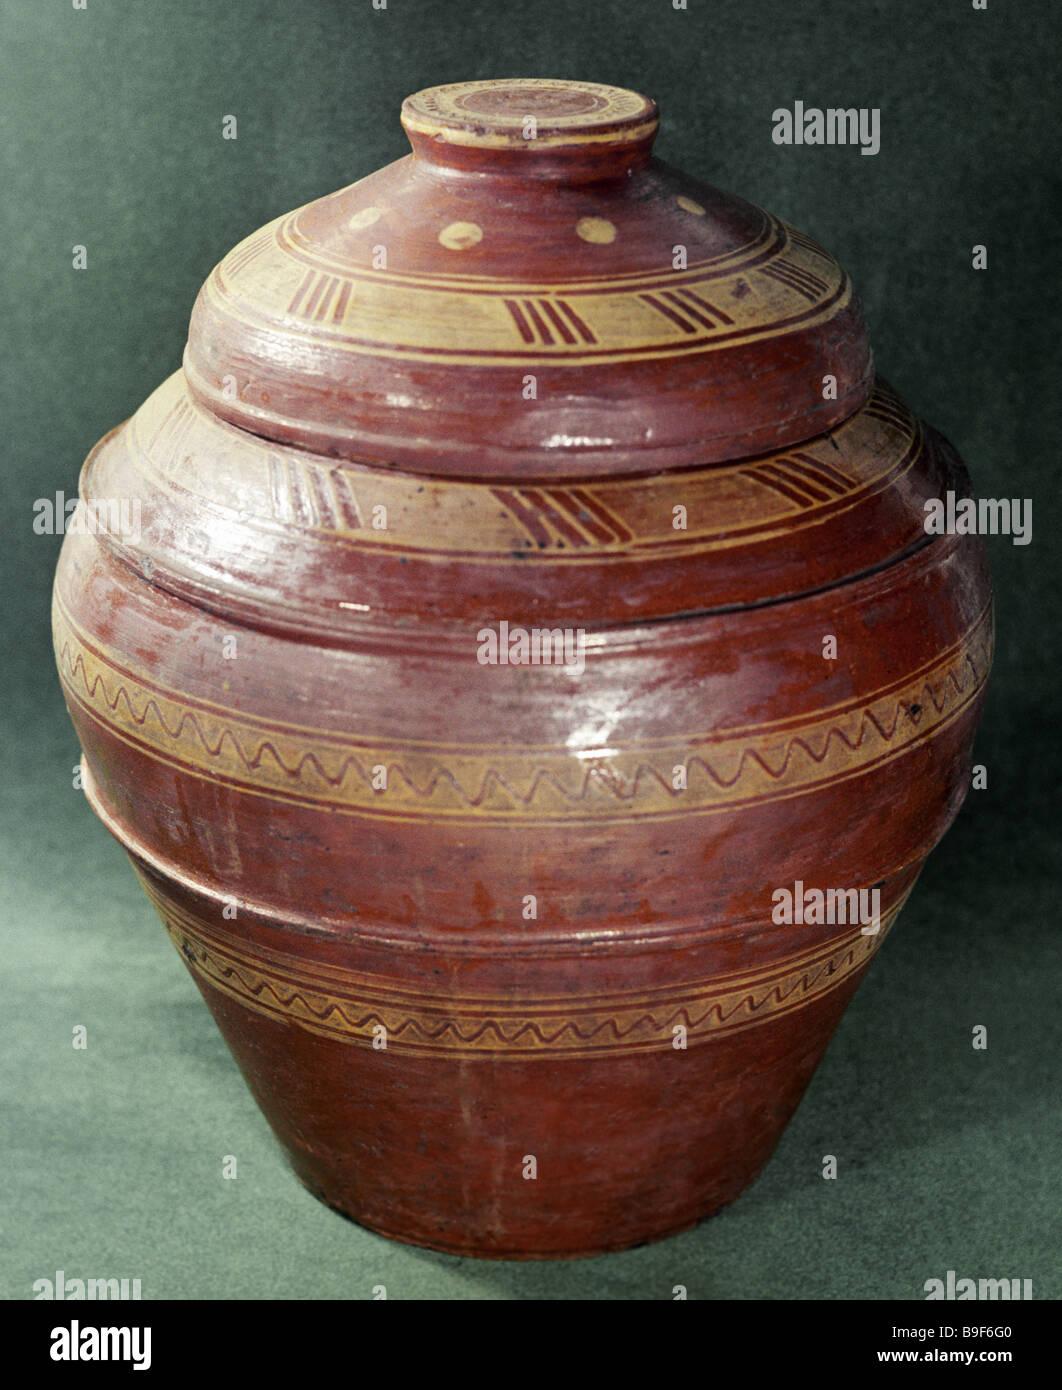 Un pot en céramique du 20e siècle Photo Stock